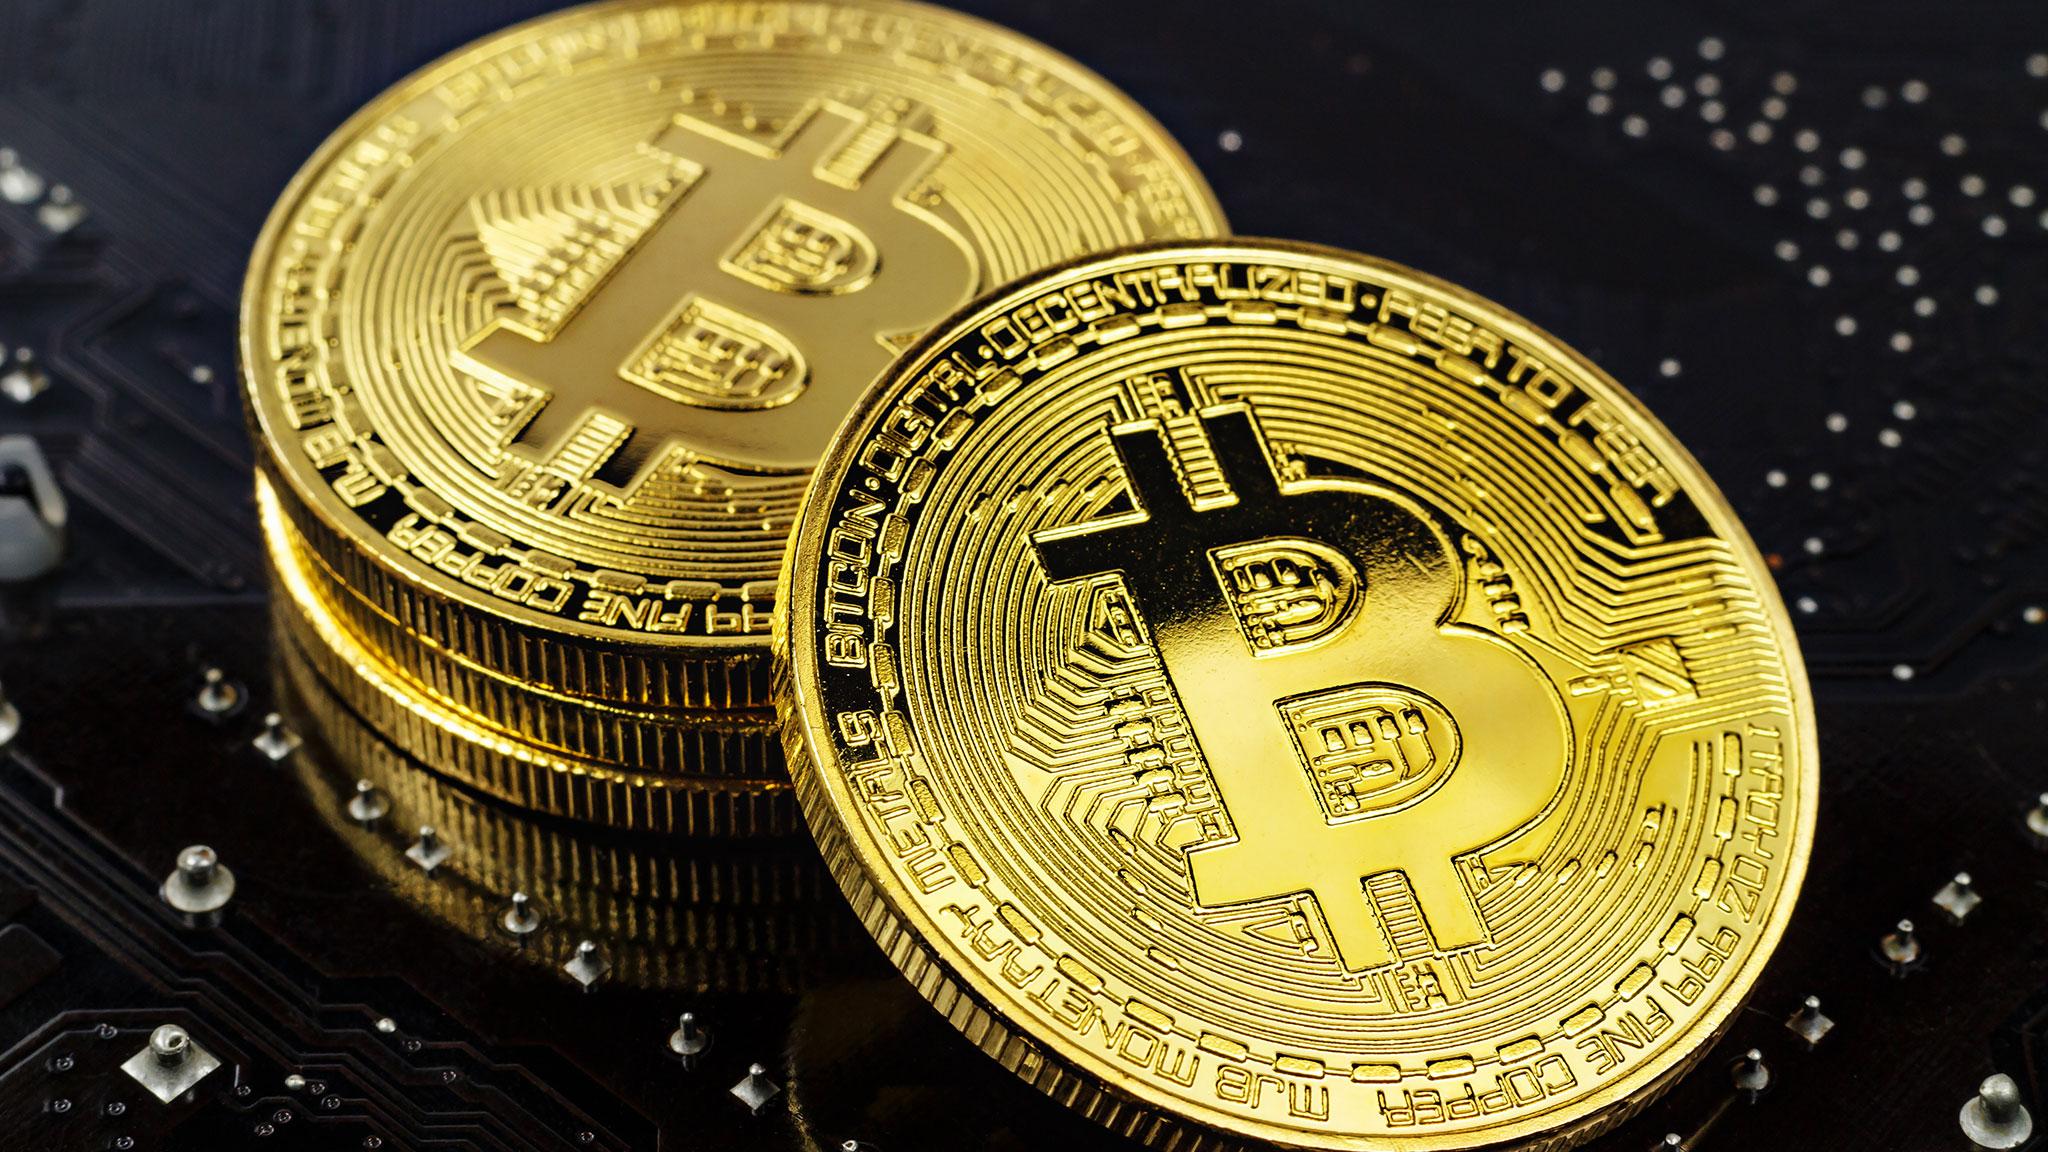 Il Regno Unito introduce nuove regole fiscali sulle criptovalute, dice che il Bitcoin non è denaro